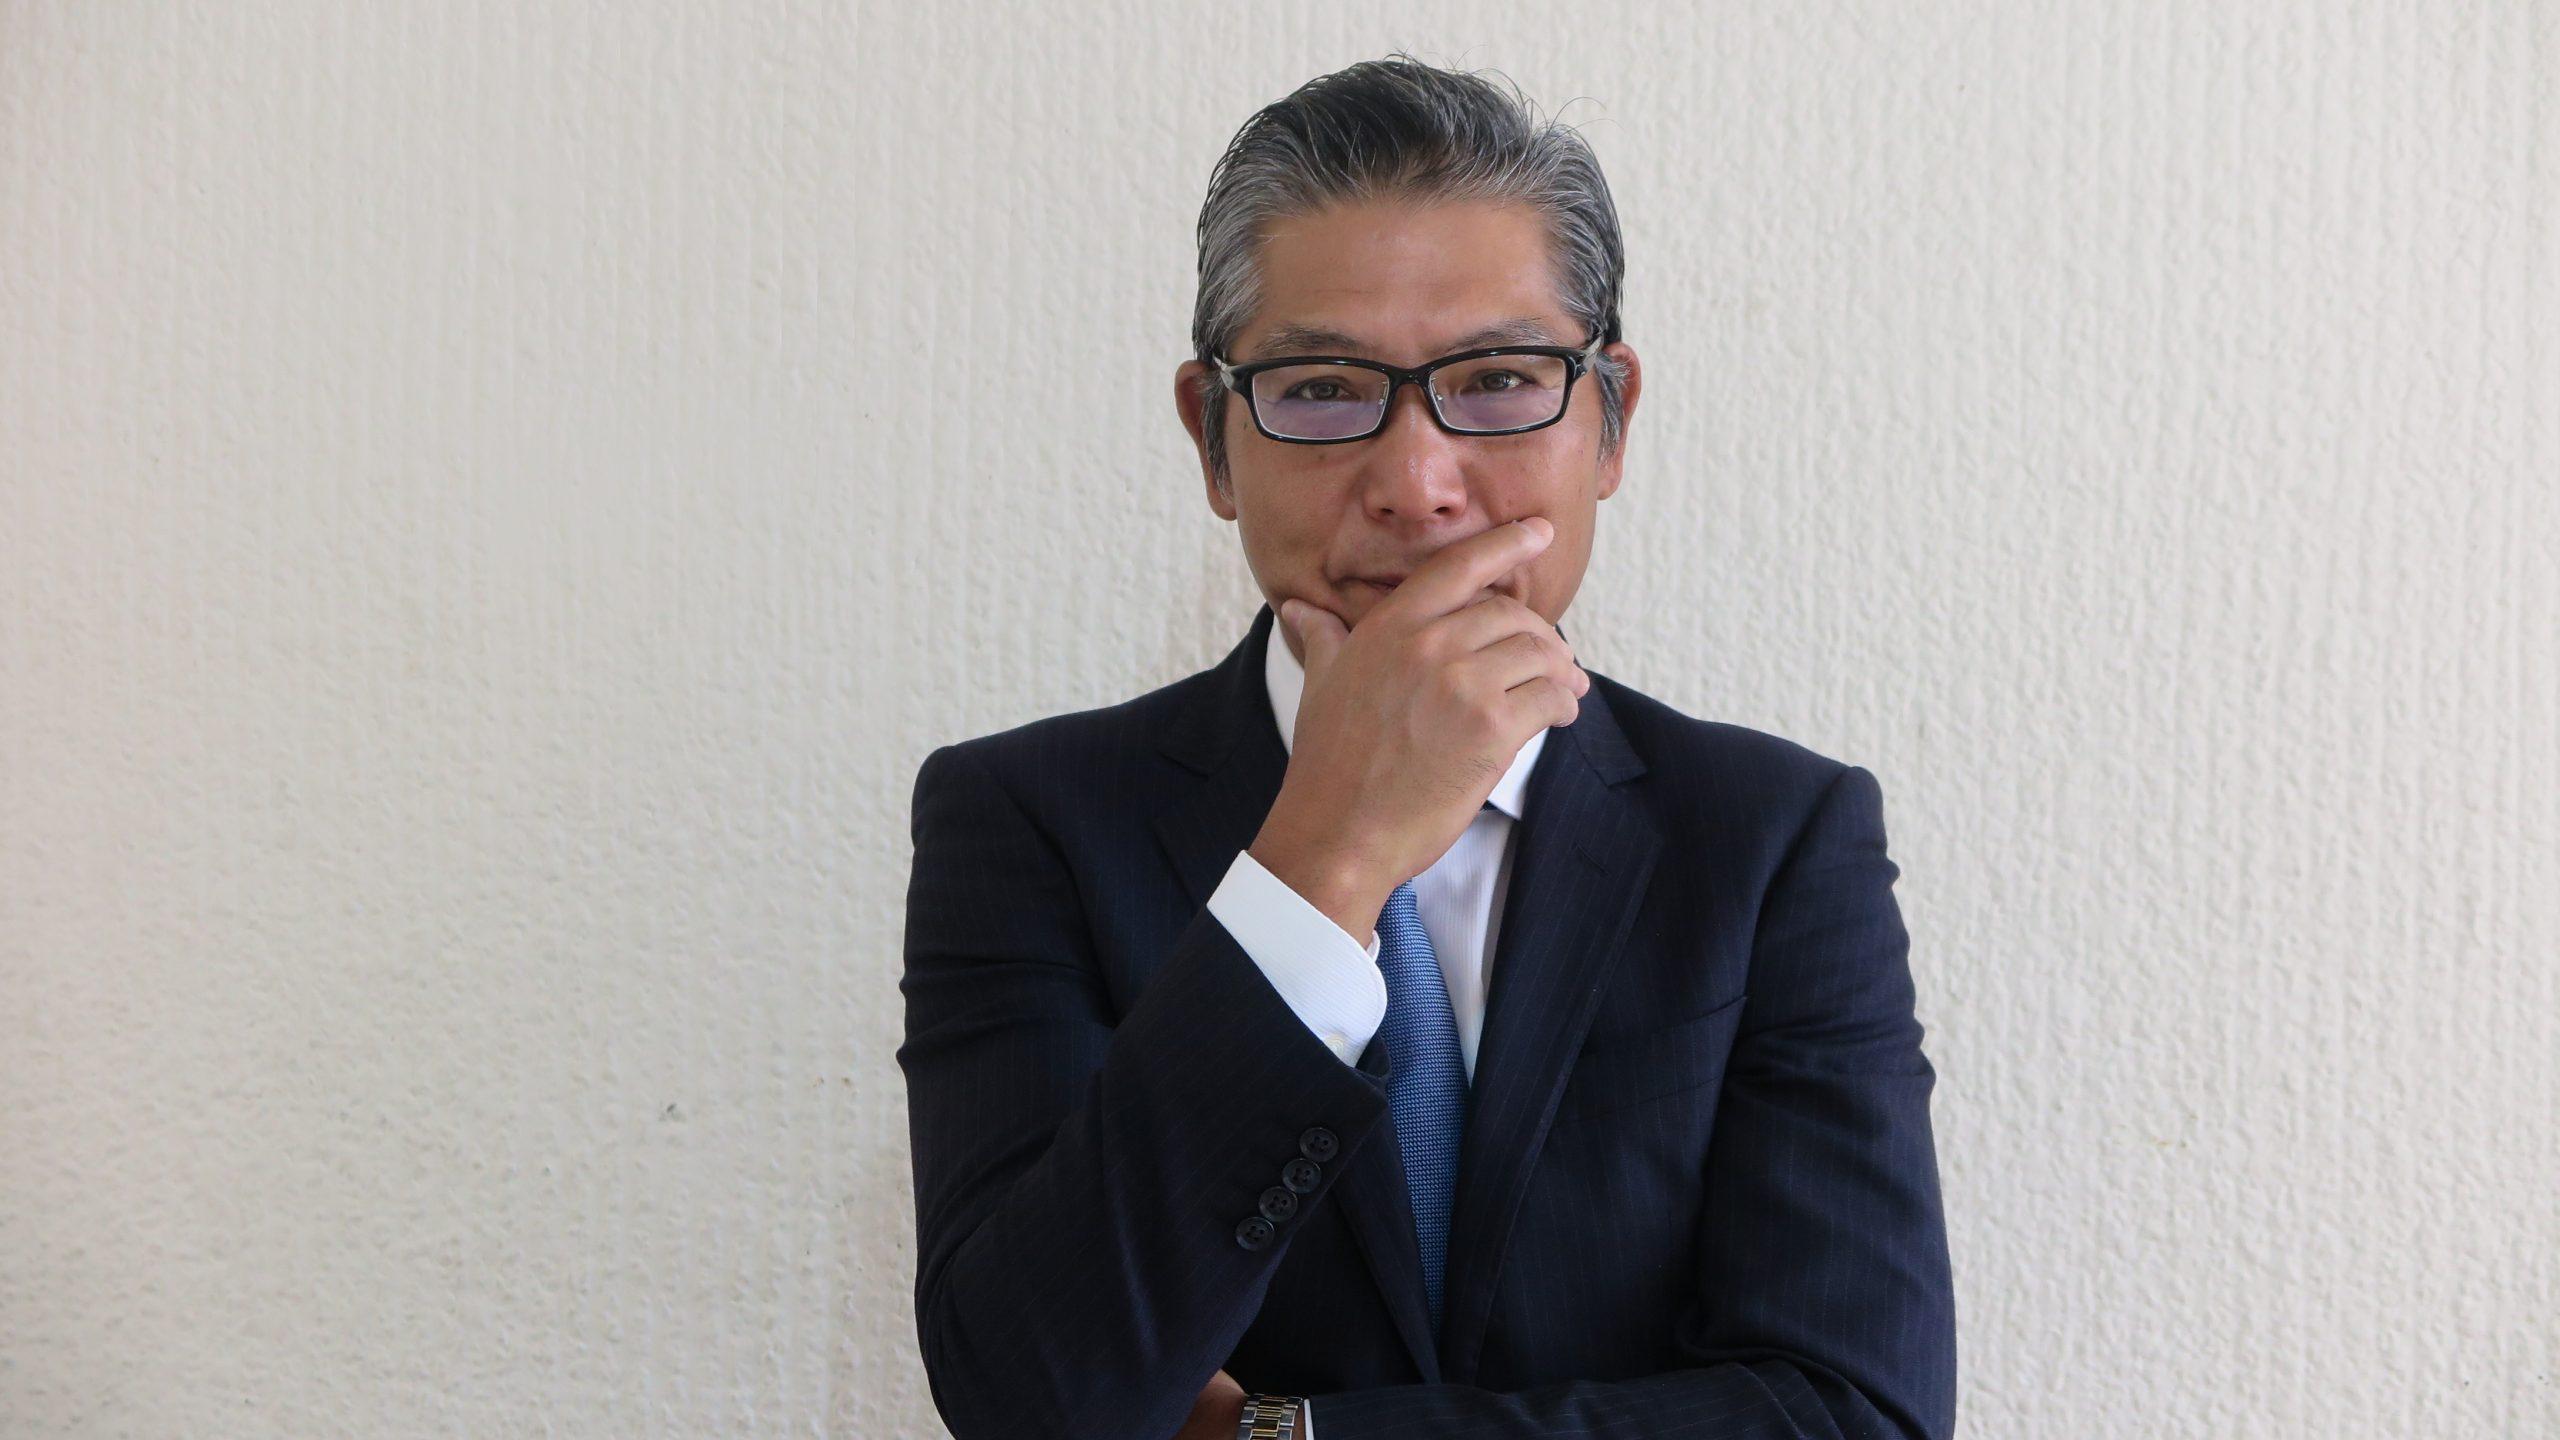 武田 徹(たけだ とおる)氏